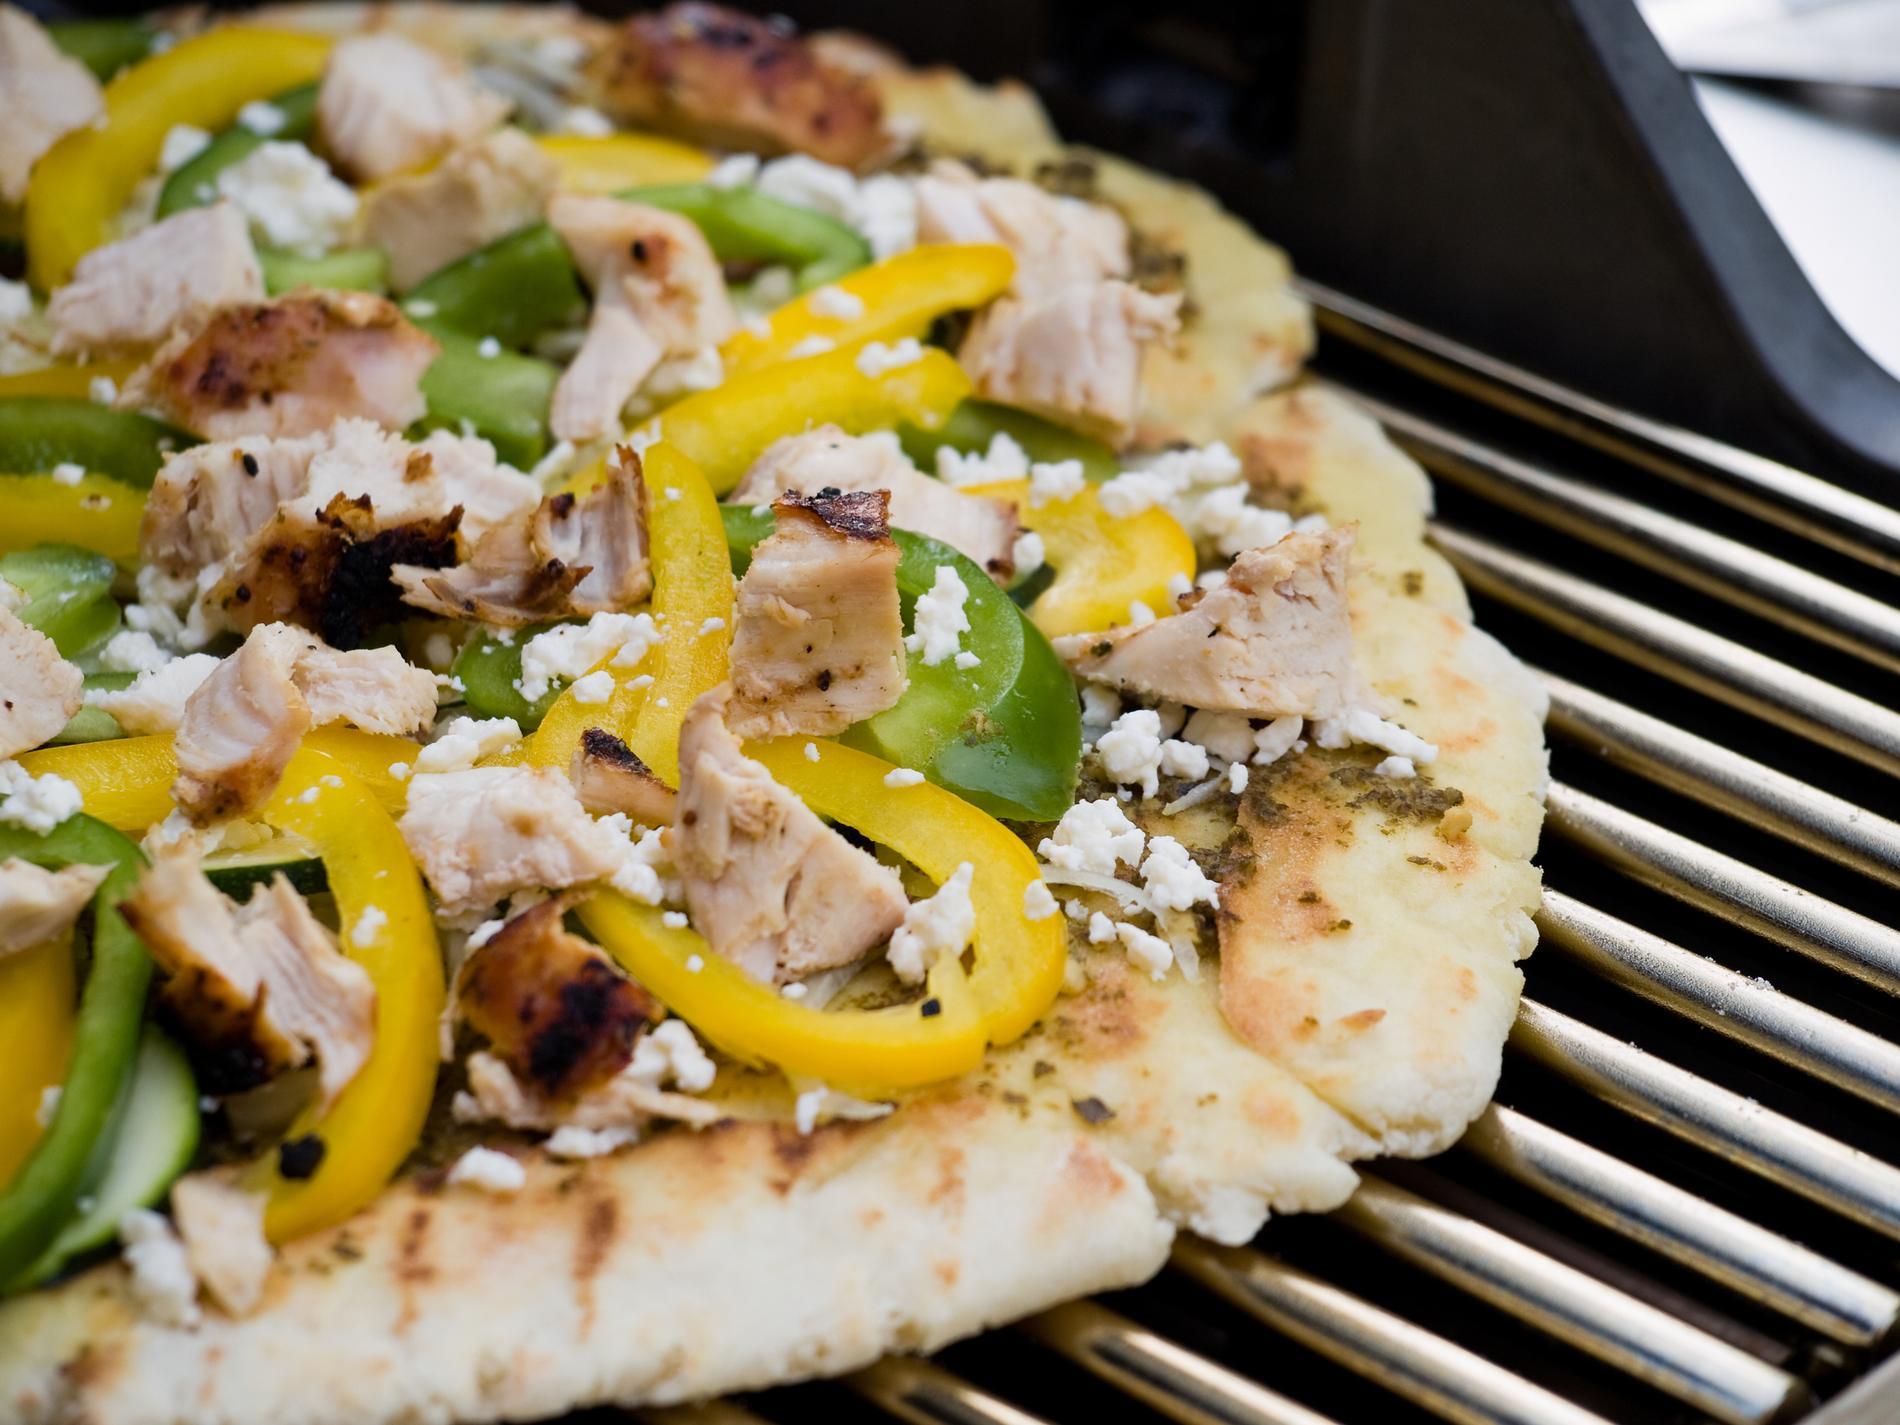 Pizza, ananas rôti, fumage 31 idées pour utiliser son